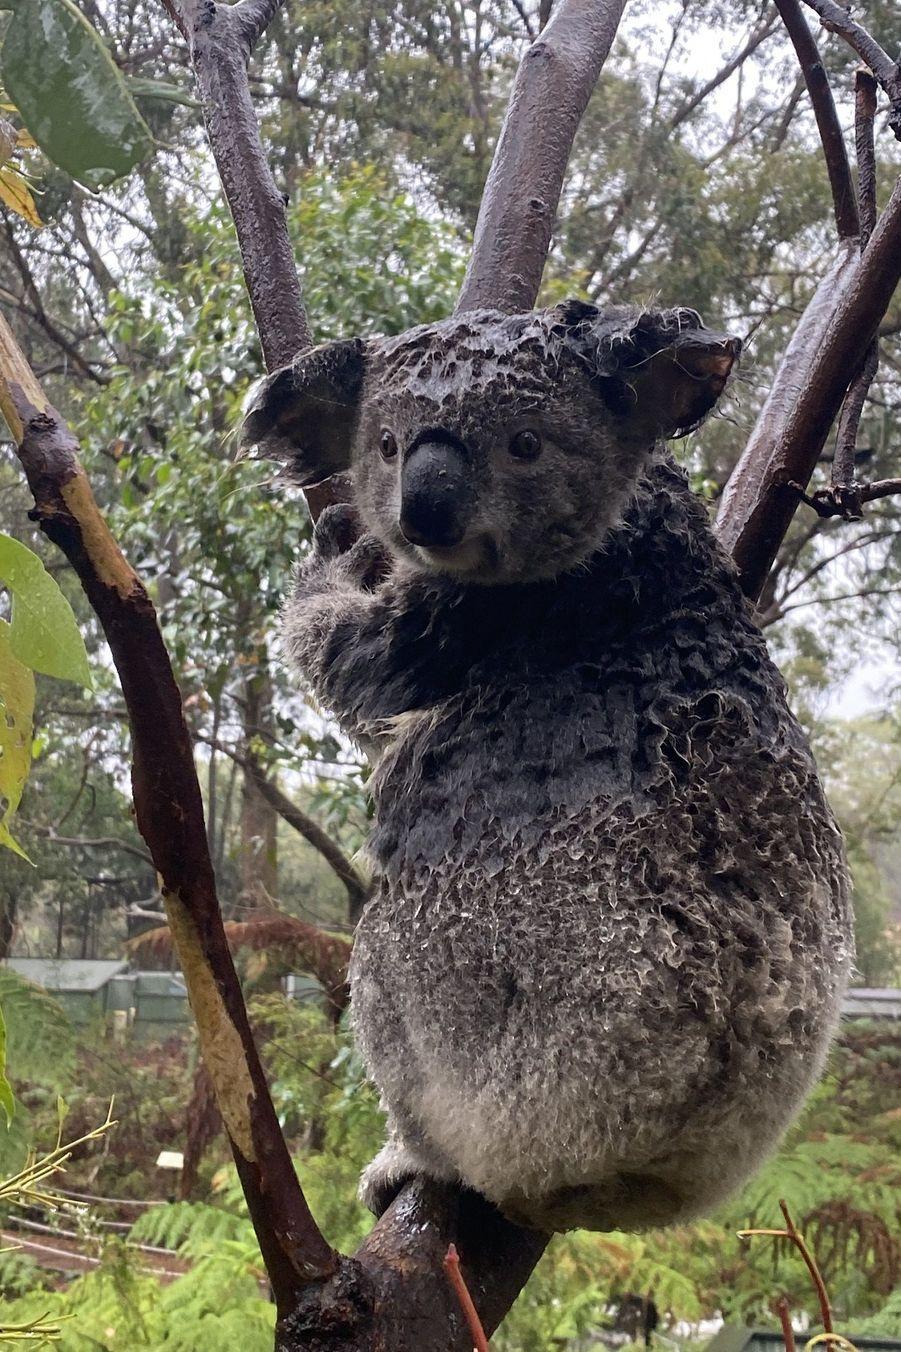 Un koala sous la pluie dans l'Australian Reptile Park de Somersby, au nord de Sydney.